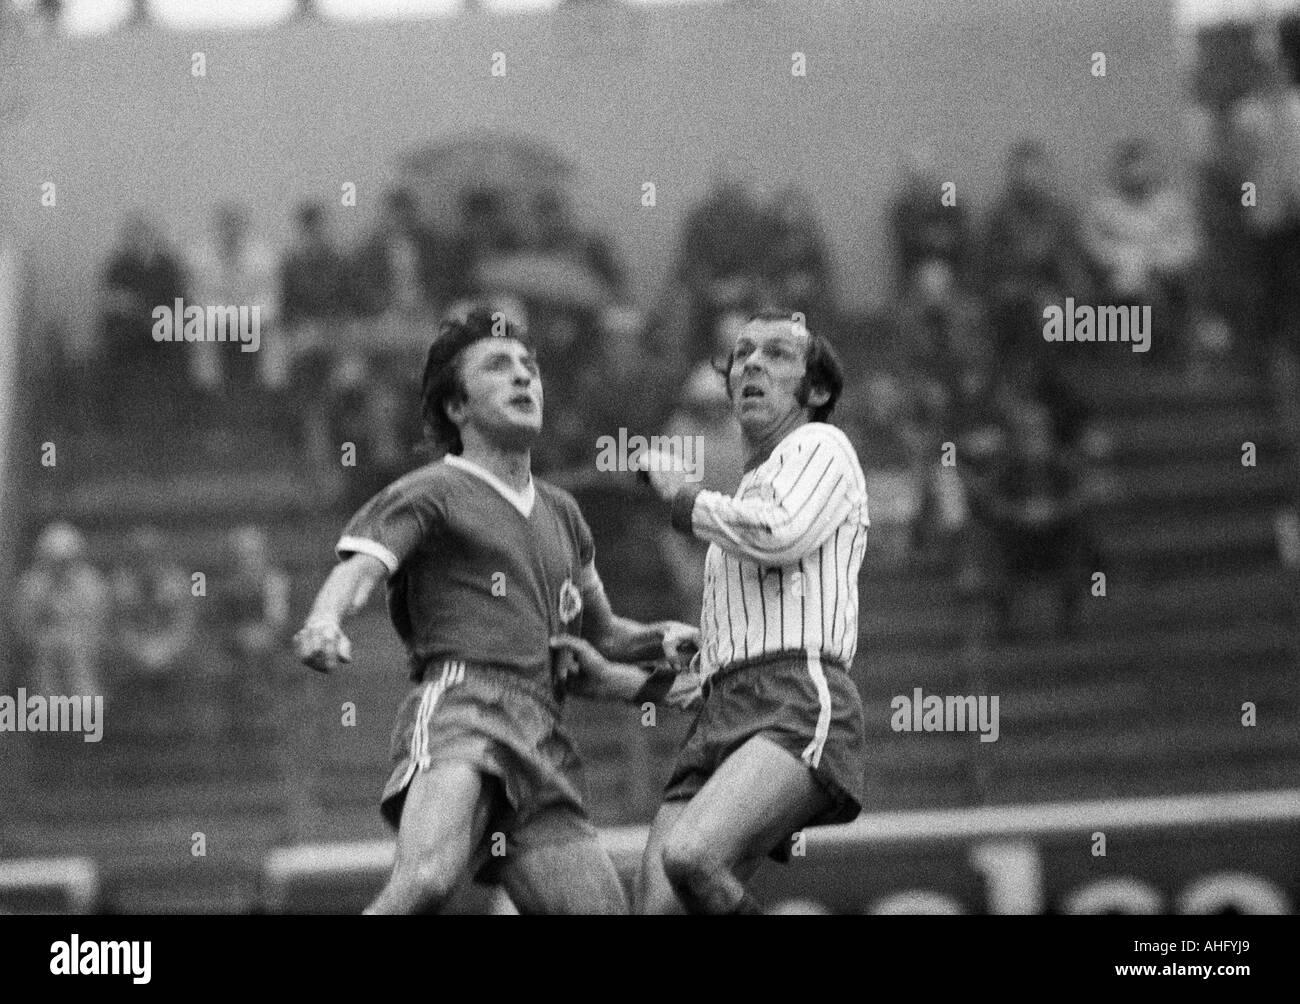 football, Regionalliga West, 1973/1974, Niederrhein Stadium in Oberhausen, Rot-Weiss Oberhausen versus Sportfreunde Siegen 3:1, scene of the match, Werner Ohm (RWO) left and Manfred Richter (Siegen) waiting for the ball - Stock Image